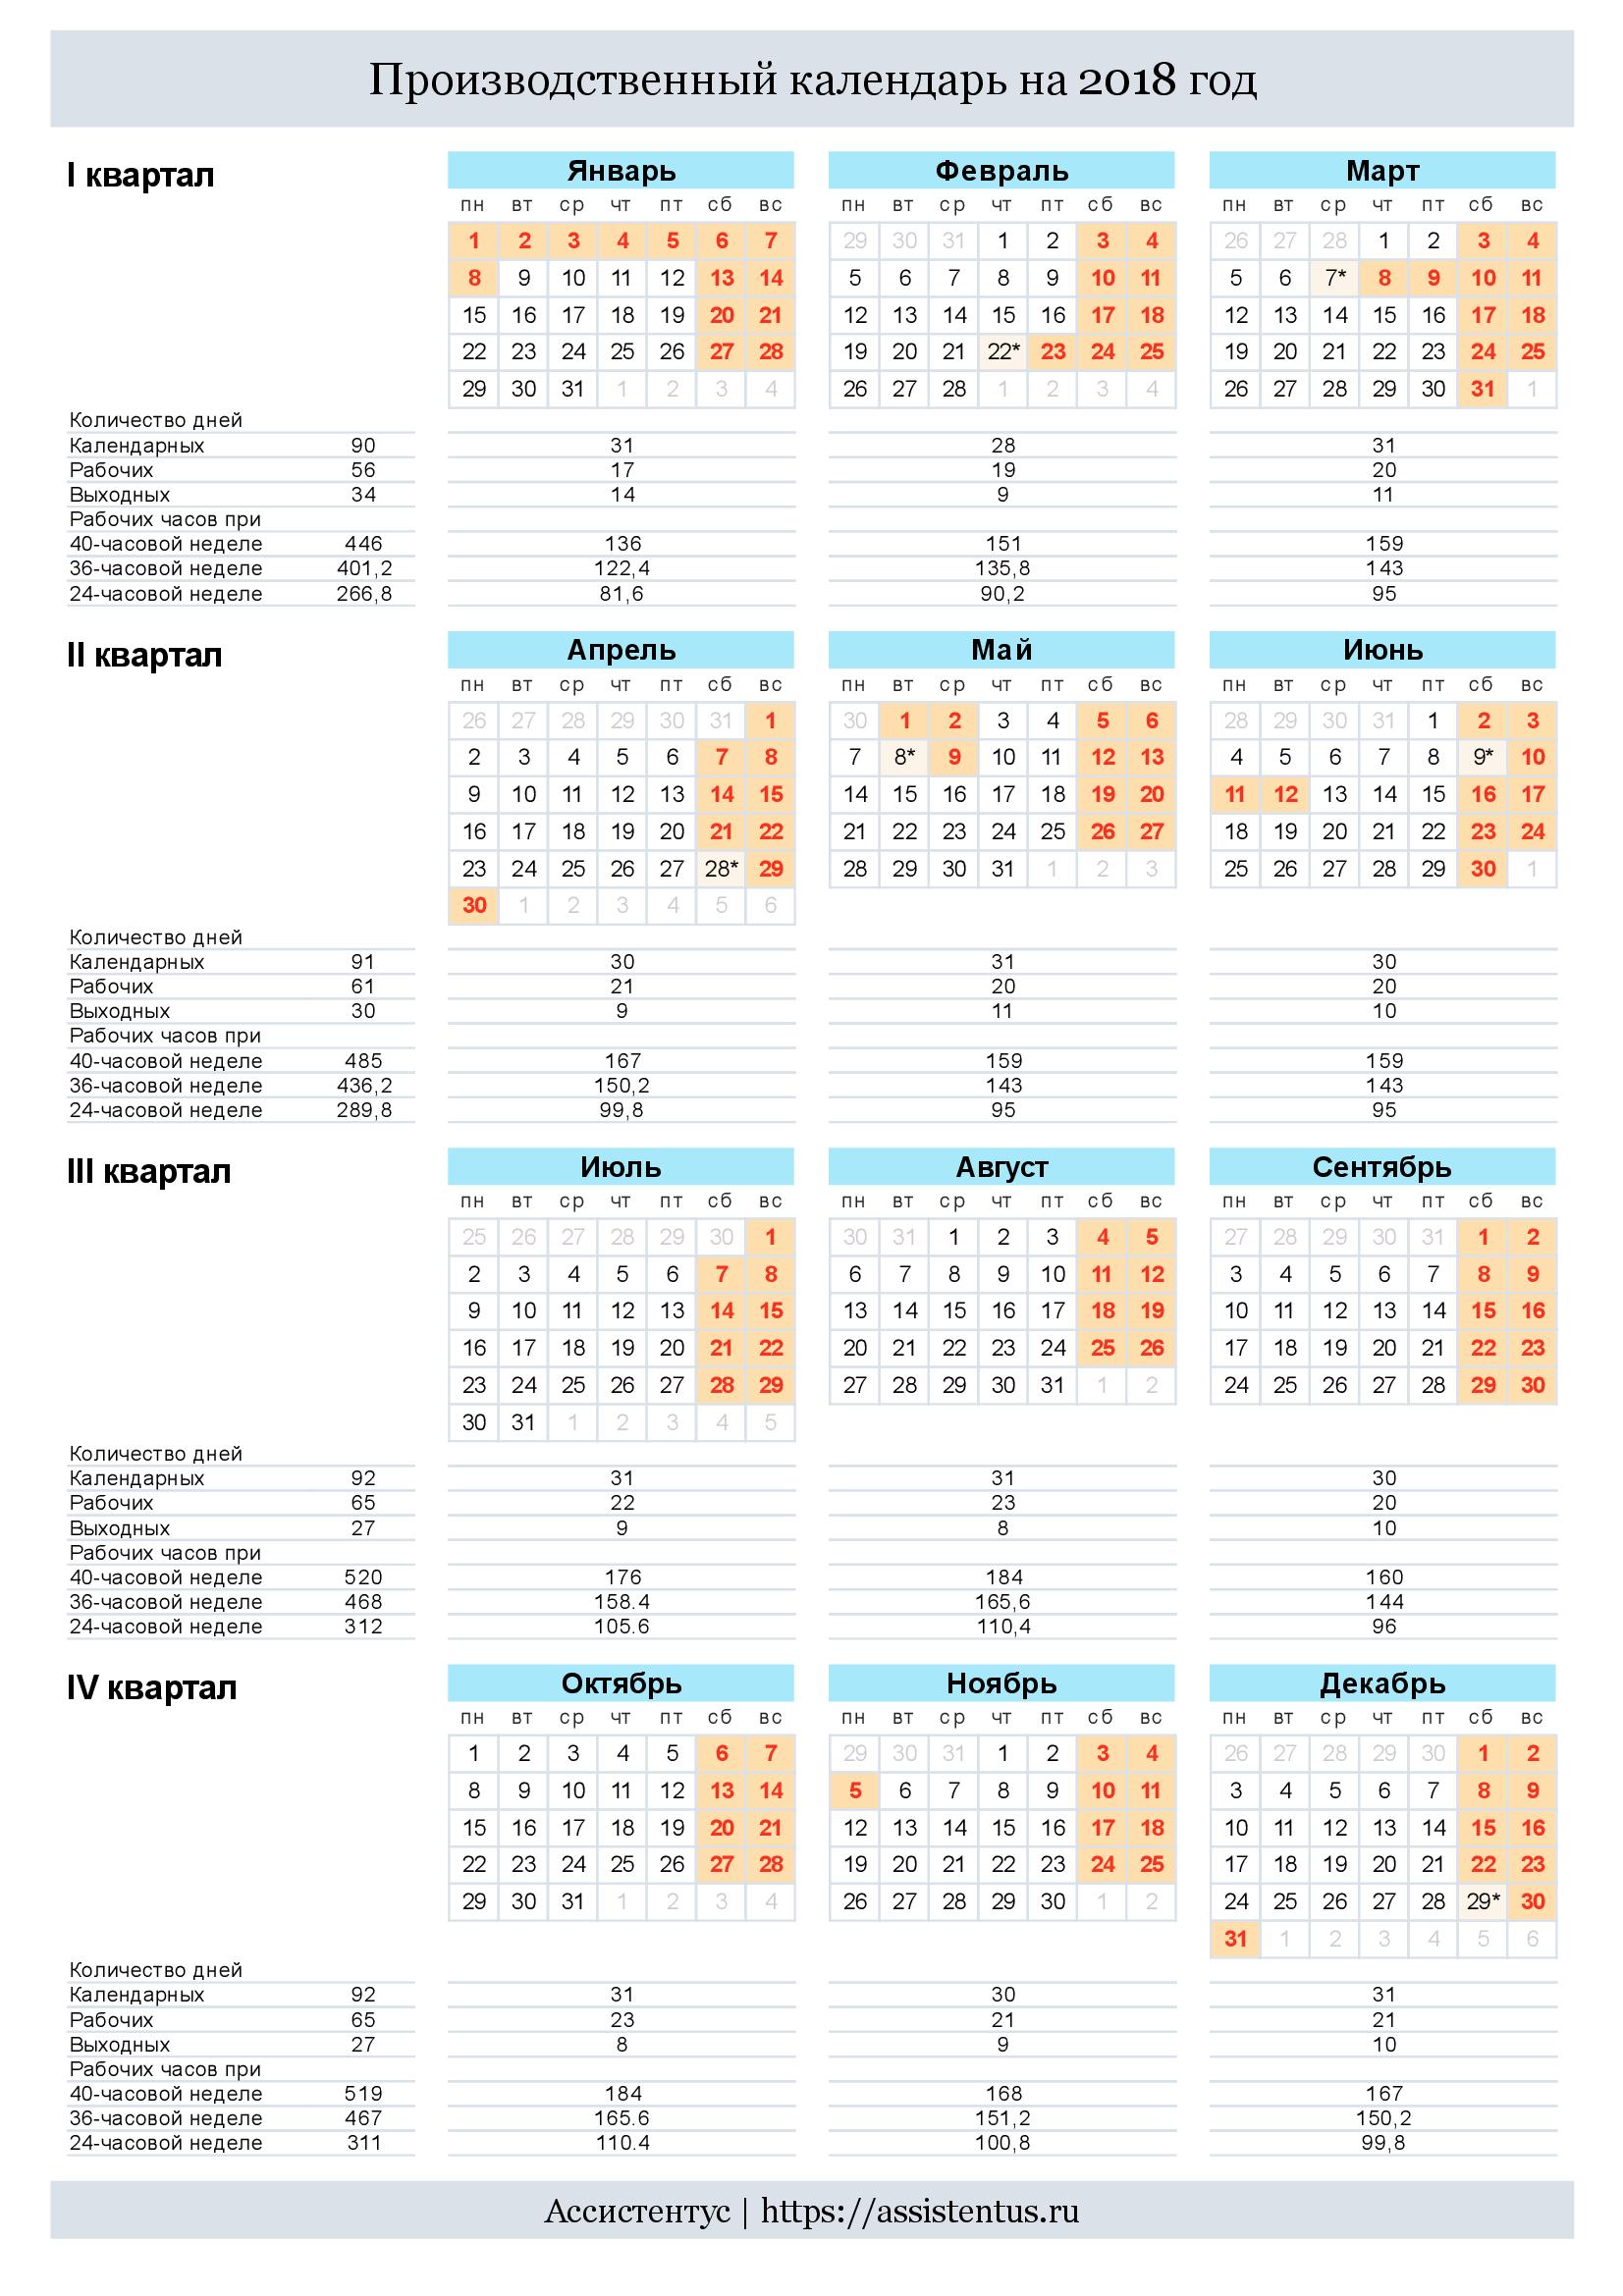 Производственный календарь на 2018 год в Татарстане с праздниками